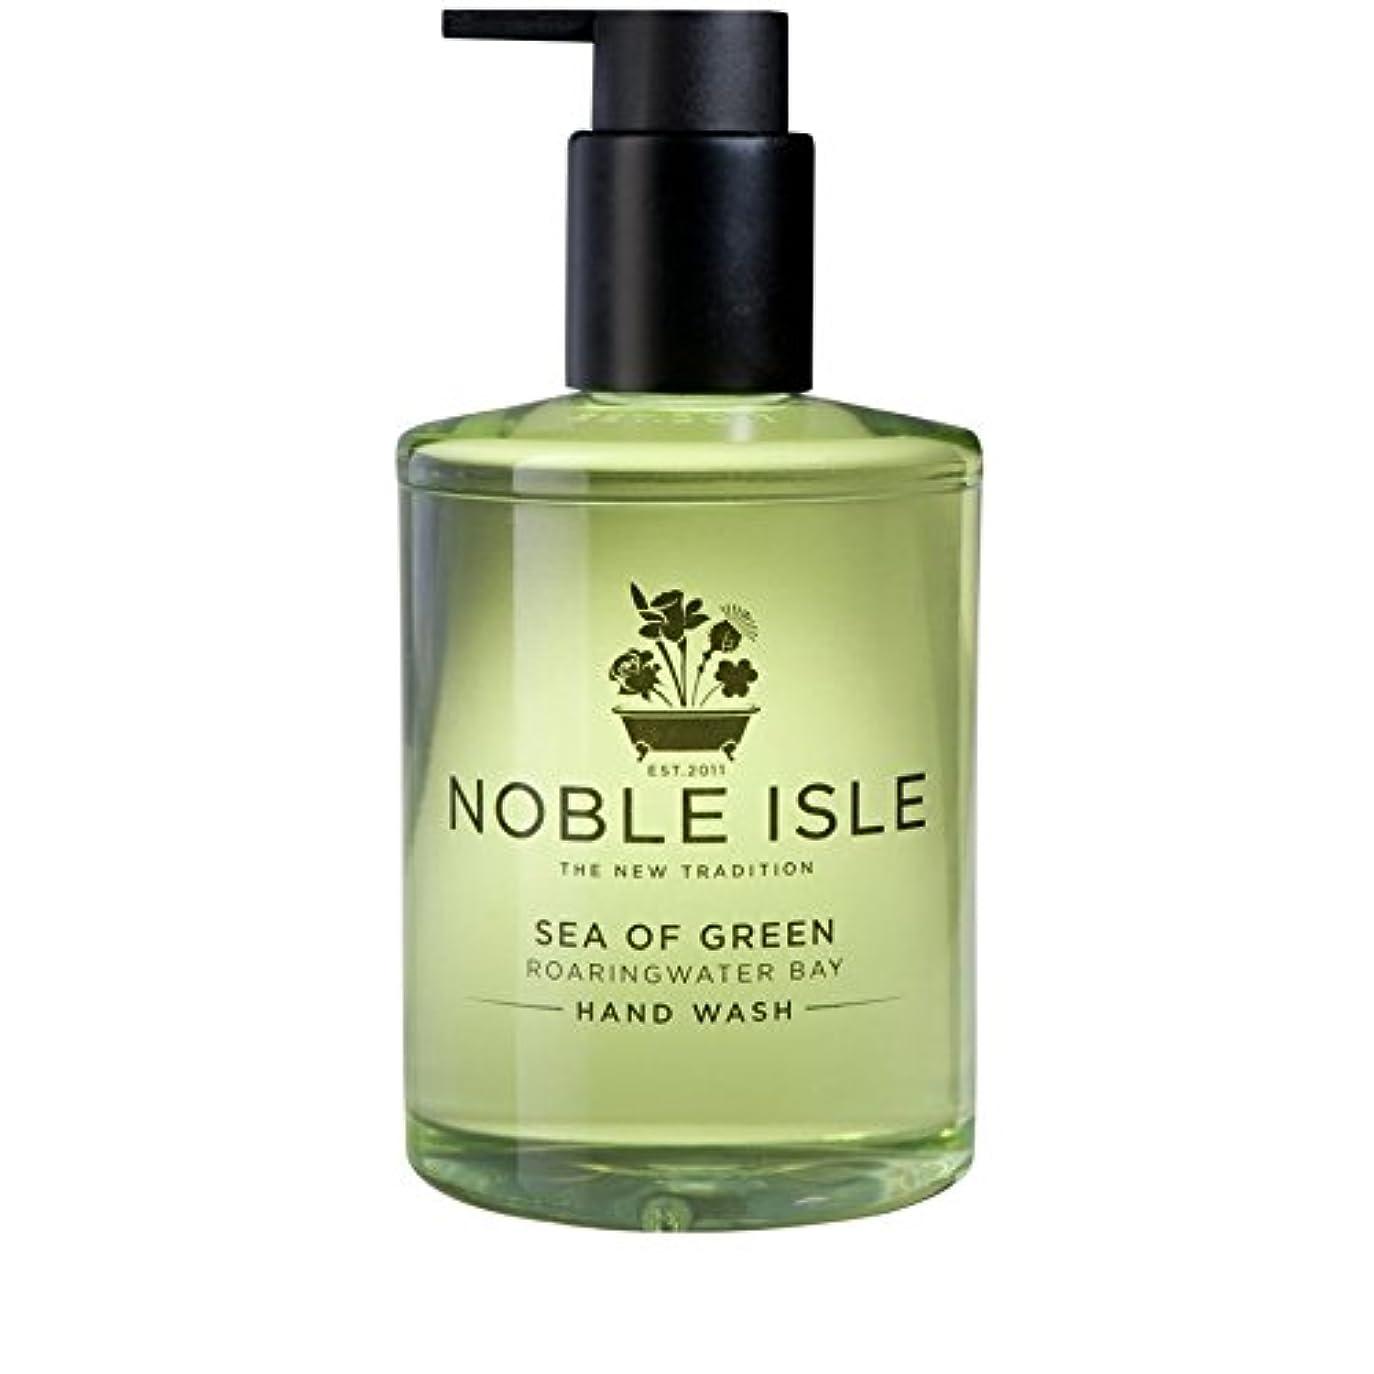 かんがいかみそり検索エンジン最適化緑ベイハンドウォッシュ250ミリリットルの高貴な島の海 x4 - Noble Isle Sea of Green Roaringwater Bay Hand Wash 250ml (Pack of 4) [並行輸入品]